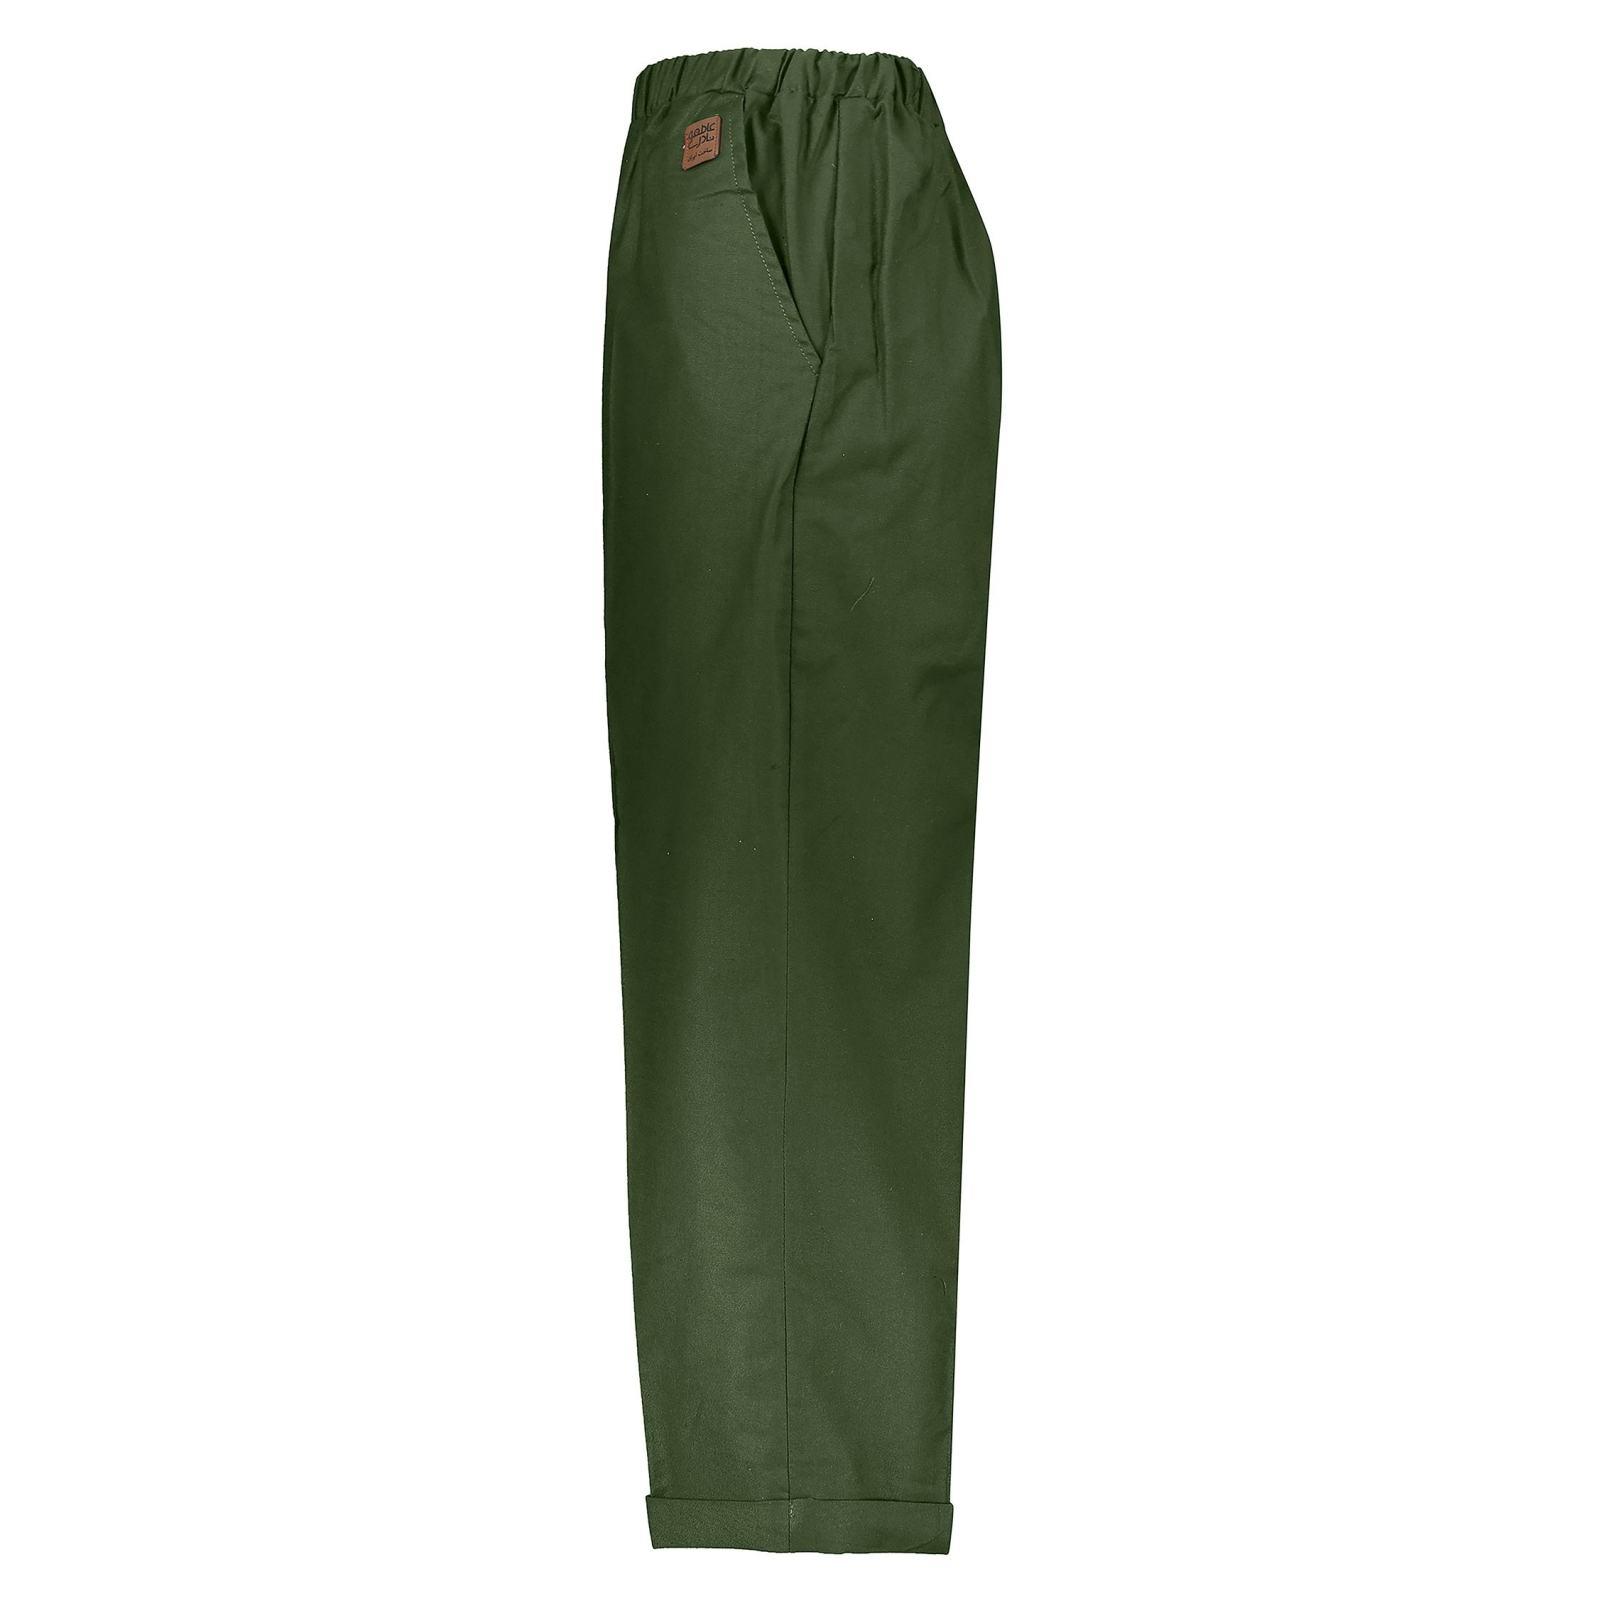 ست 3 تکه زنانه - عاطفه نادری - سبز - 10